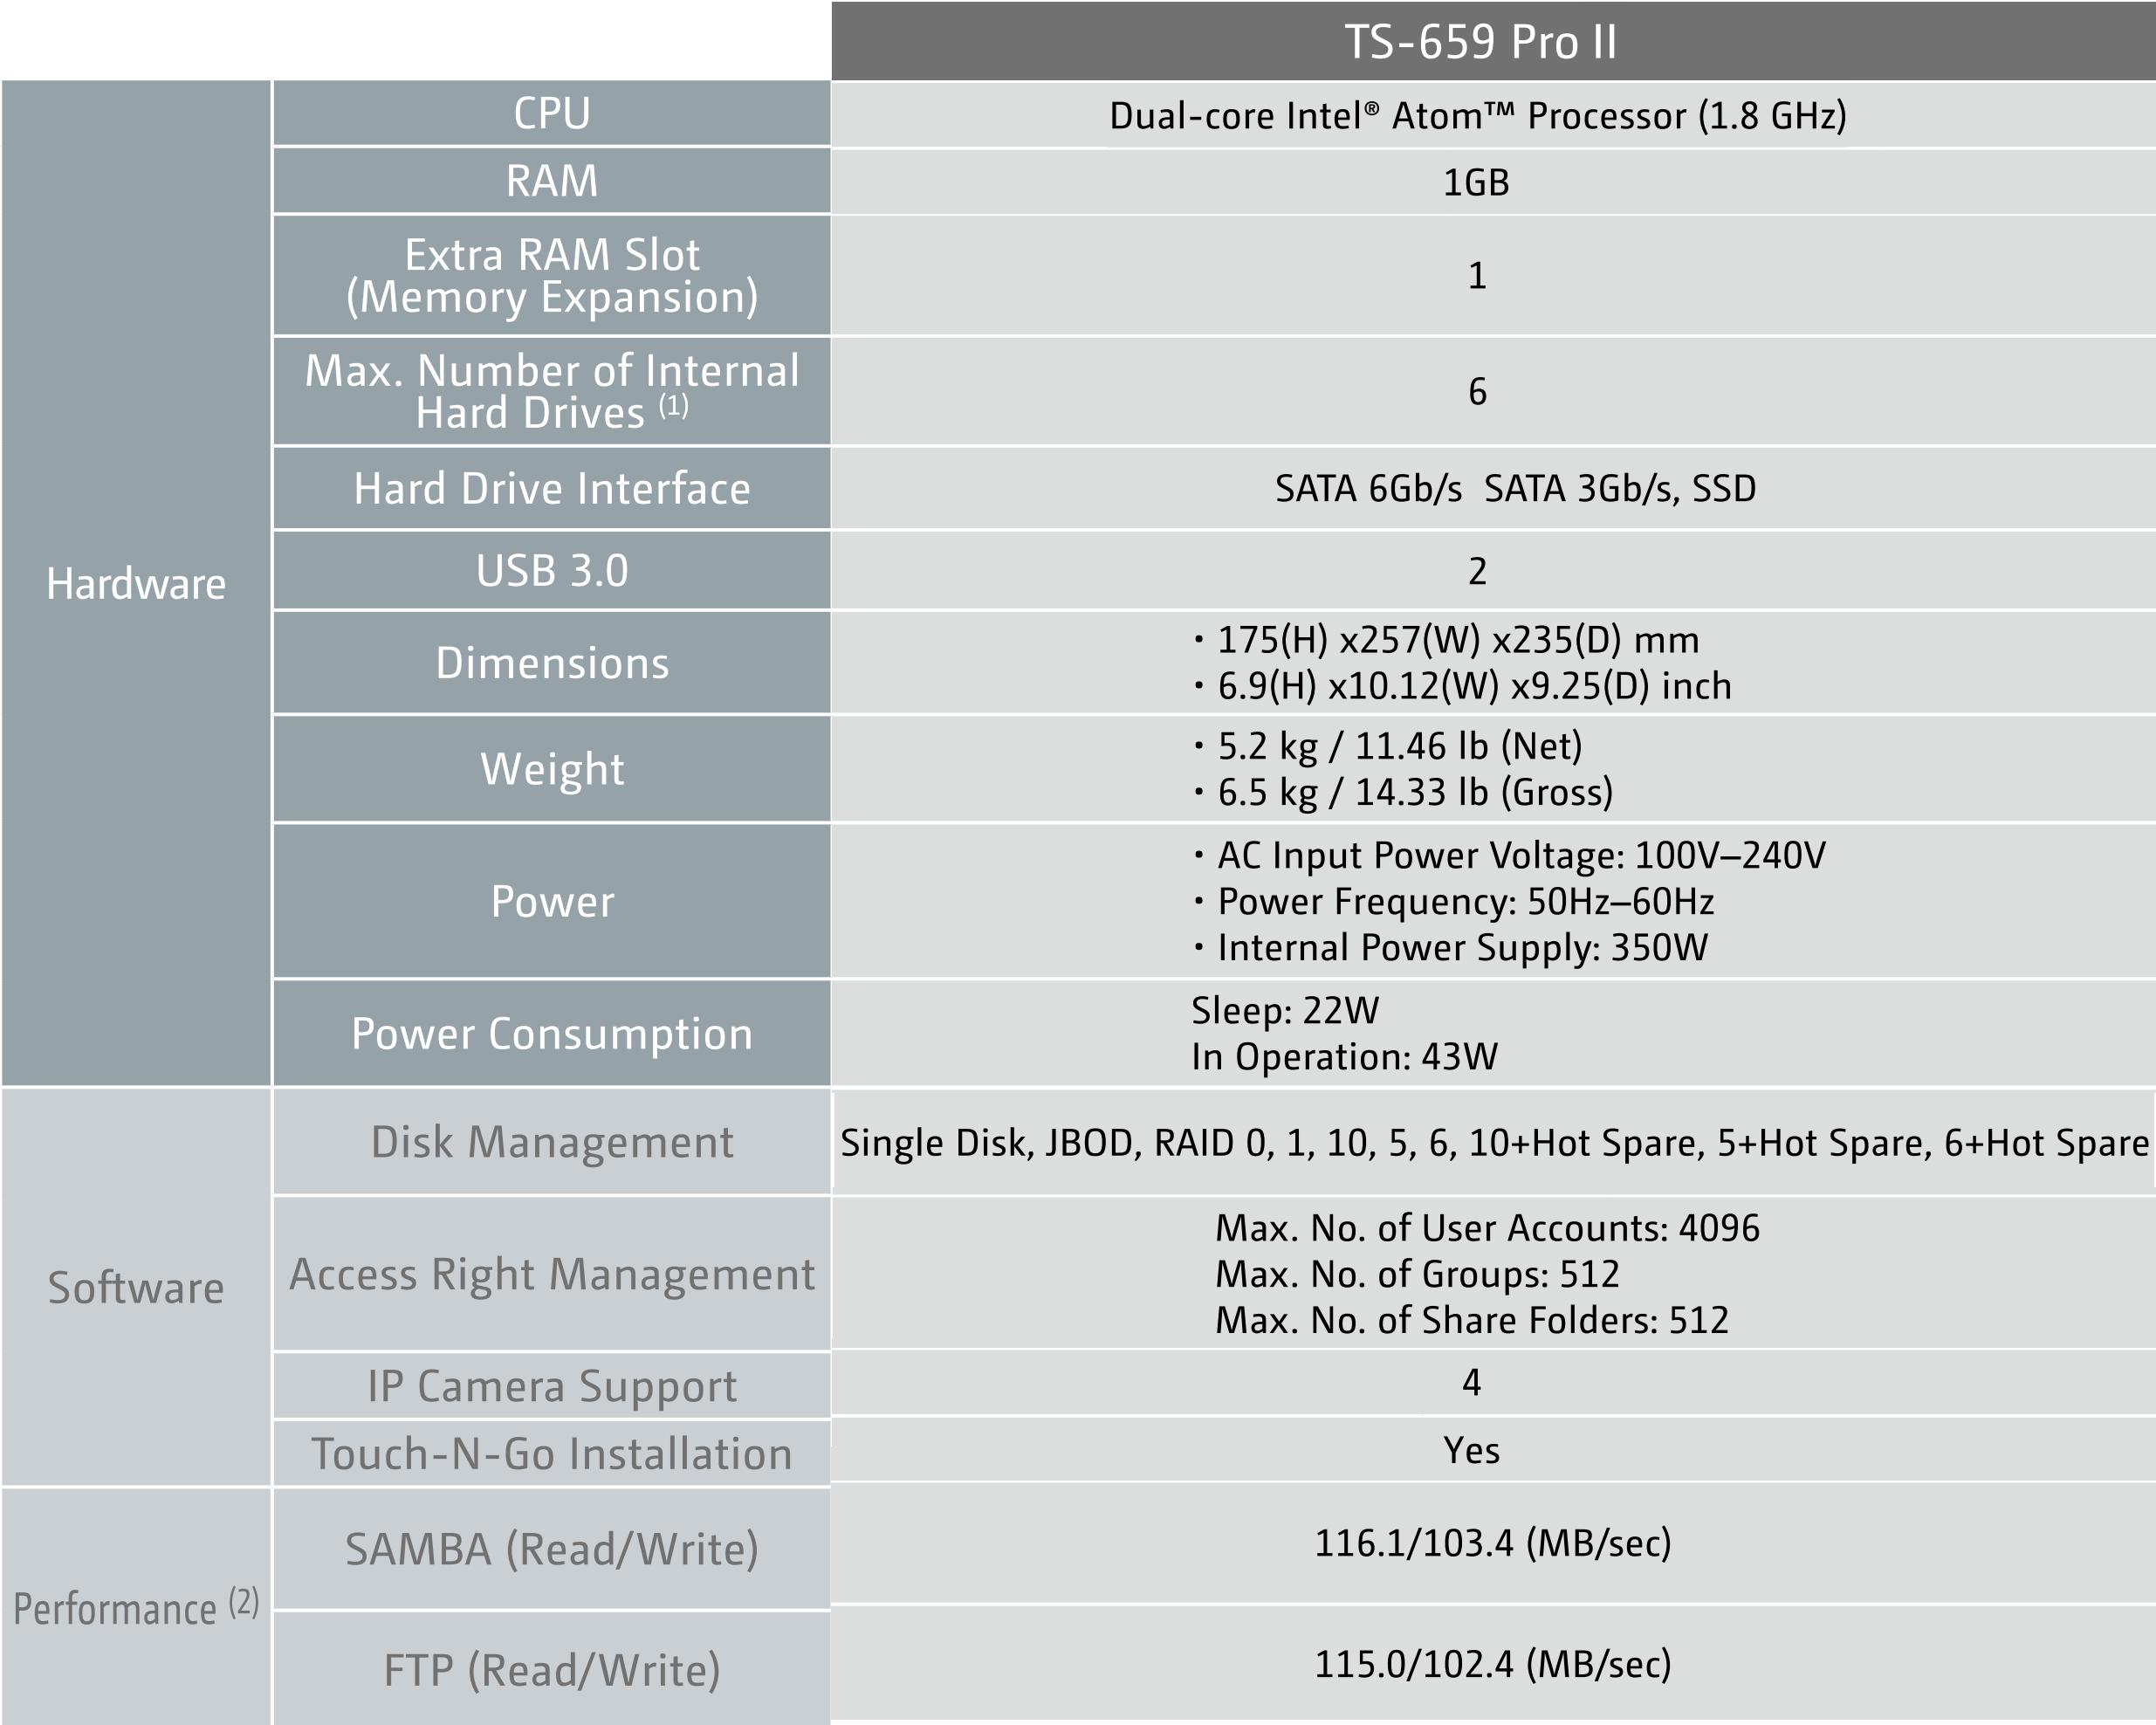 QNAP TS-659 Pro II Review